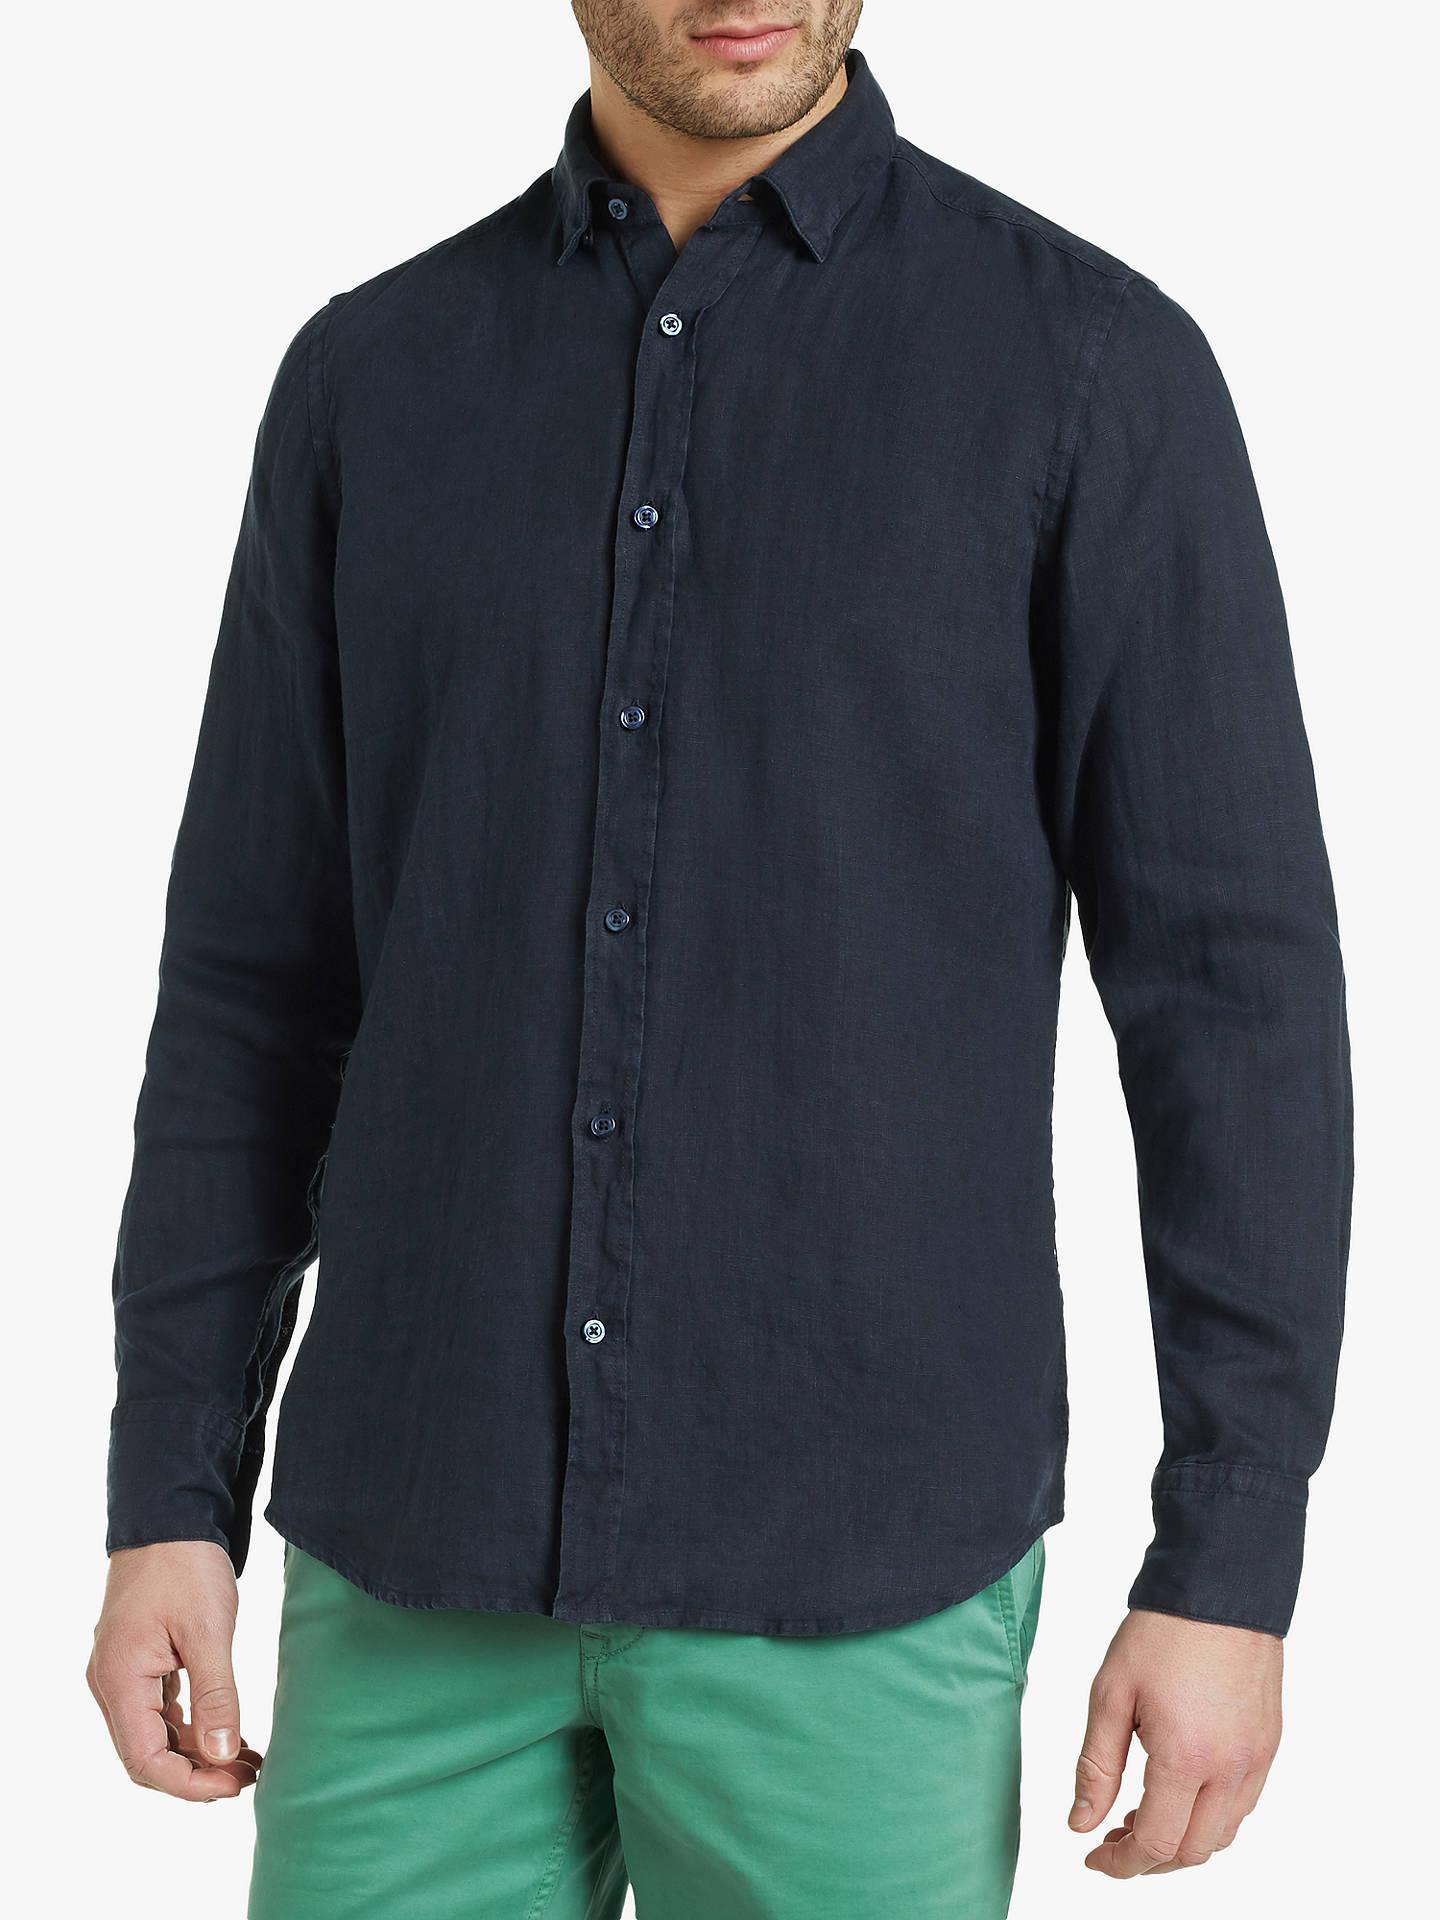 7a8ab0adae29 Buy BOSS Regular Fit Long Sleeve Linen Shirt, Dark Blue, XL Online at  johnlewis ...